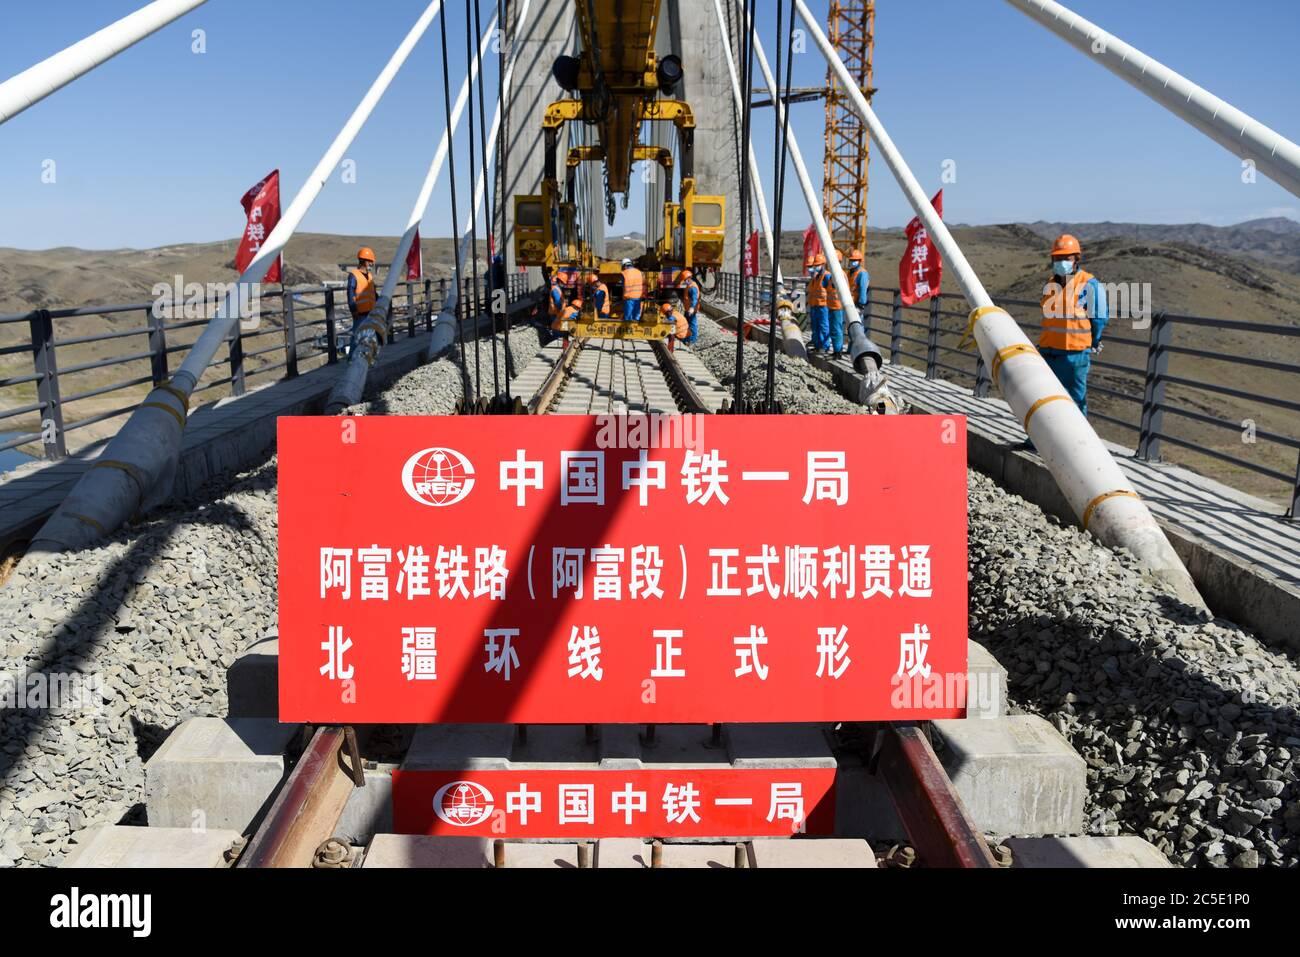 Fuyun. Juli 2020. Arbeiter legen Spuren auf einer Brücke, als sie die letzten Feinschliff auf dem Altay-Fuyun Abschnitt der Afuzhun (Altay-Fuyun-Zhundong) Eisenbahn im Fuyun Bezirk, nordwestlich von Xinjiang Uygur Autonome Region, 2. Juli 2020 die Afuzhun Bahn, die 420 Kilometer umfasst, wurde im Nordwesten Chinas Xinjiang fertiggestellt. Sie ist mit einer weiteren Eisenbahn im Norden verbunden und gemeinsam werden sie Teil eines kreisförmigen Eisenbahnnetzes im nördlichen Teil von Xinjiang sein. Die Afuzhun-Bahn wird voraussichtlich am 30. August in Betrieb gehen. Stockfoto